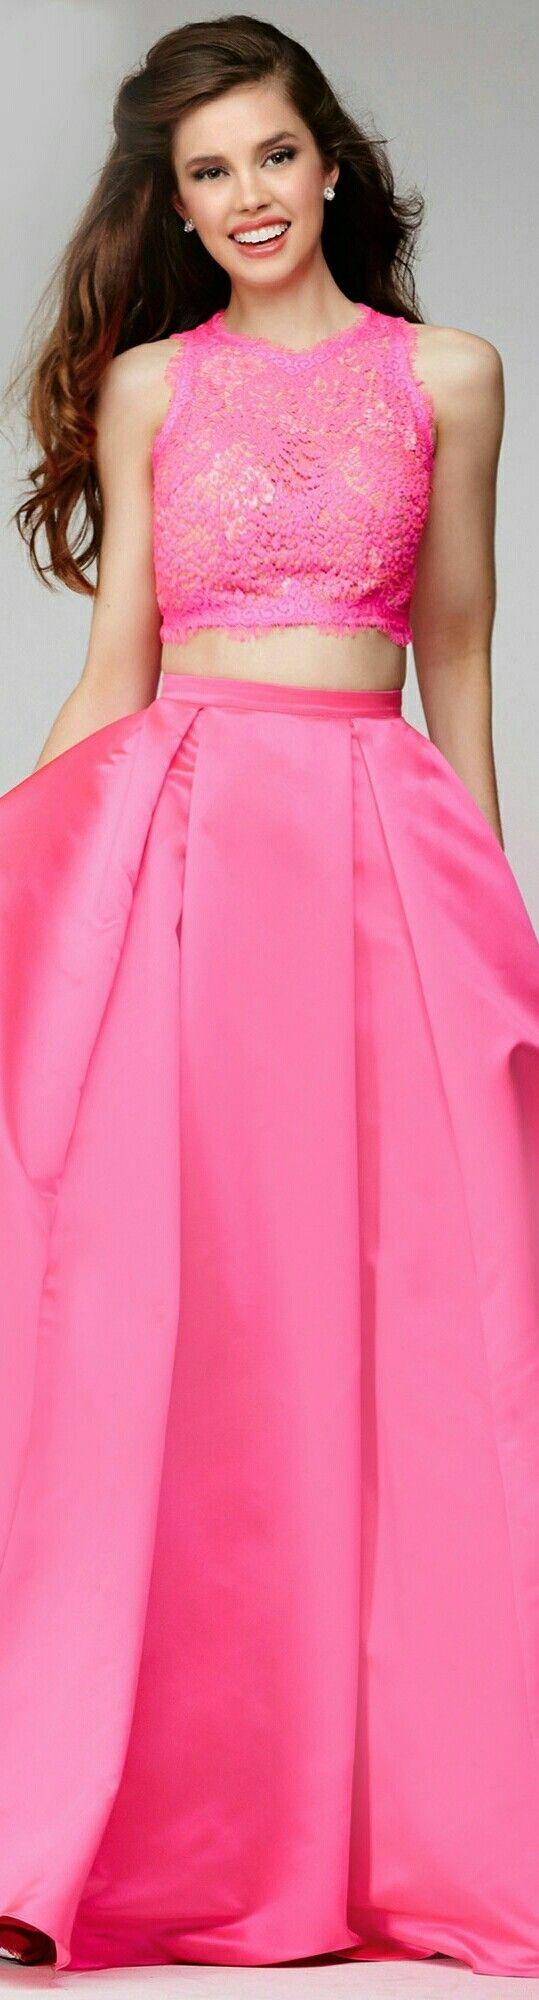 75 o más mejores imágenes en Jovani en Pinterest | Vestidos de baile ...